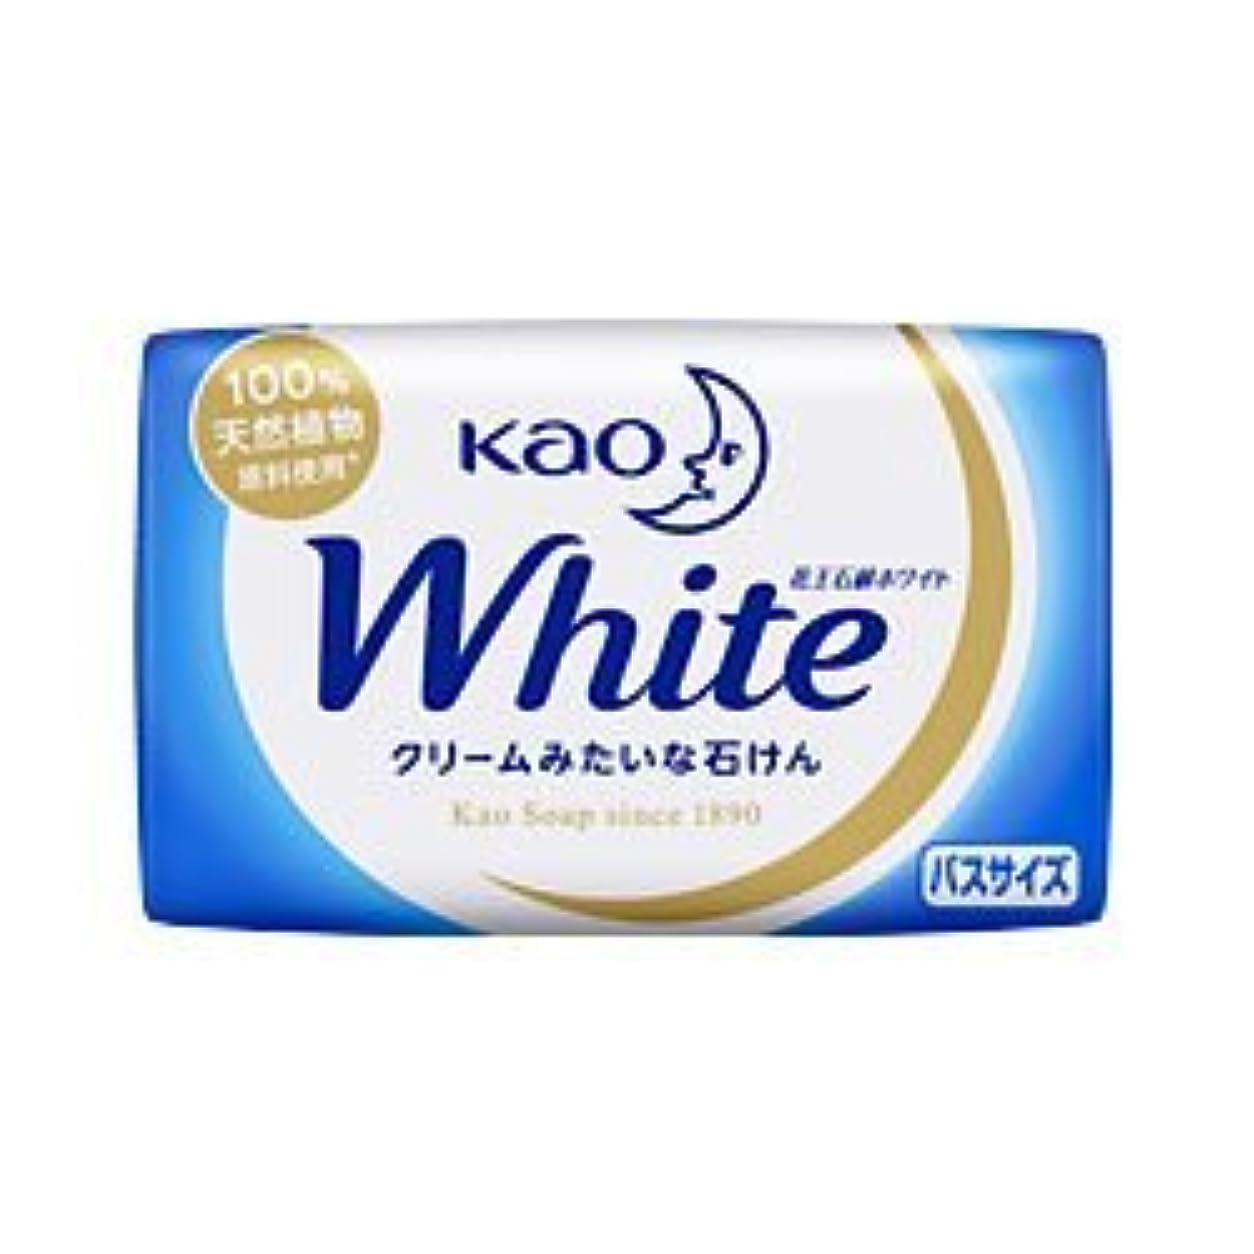 株式いらいらさせる冷ややかな【花王】花王ホワイト バスサイズ 1個 130g ×20個セット